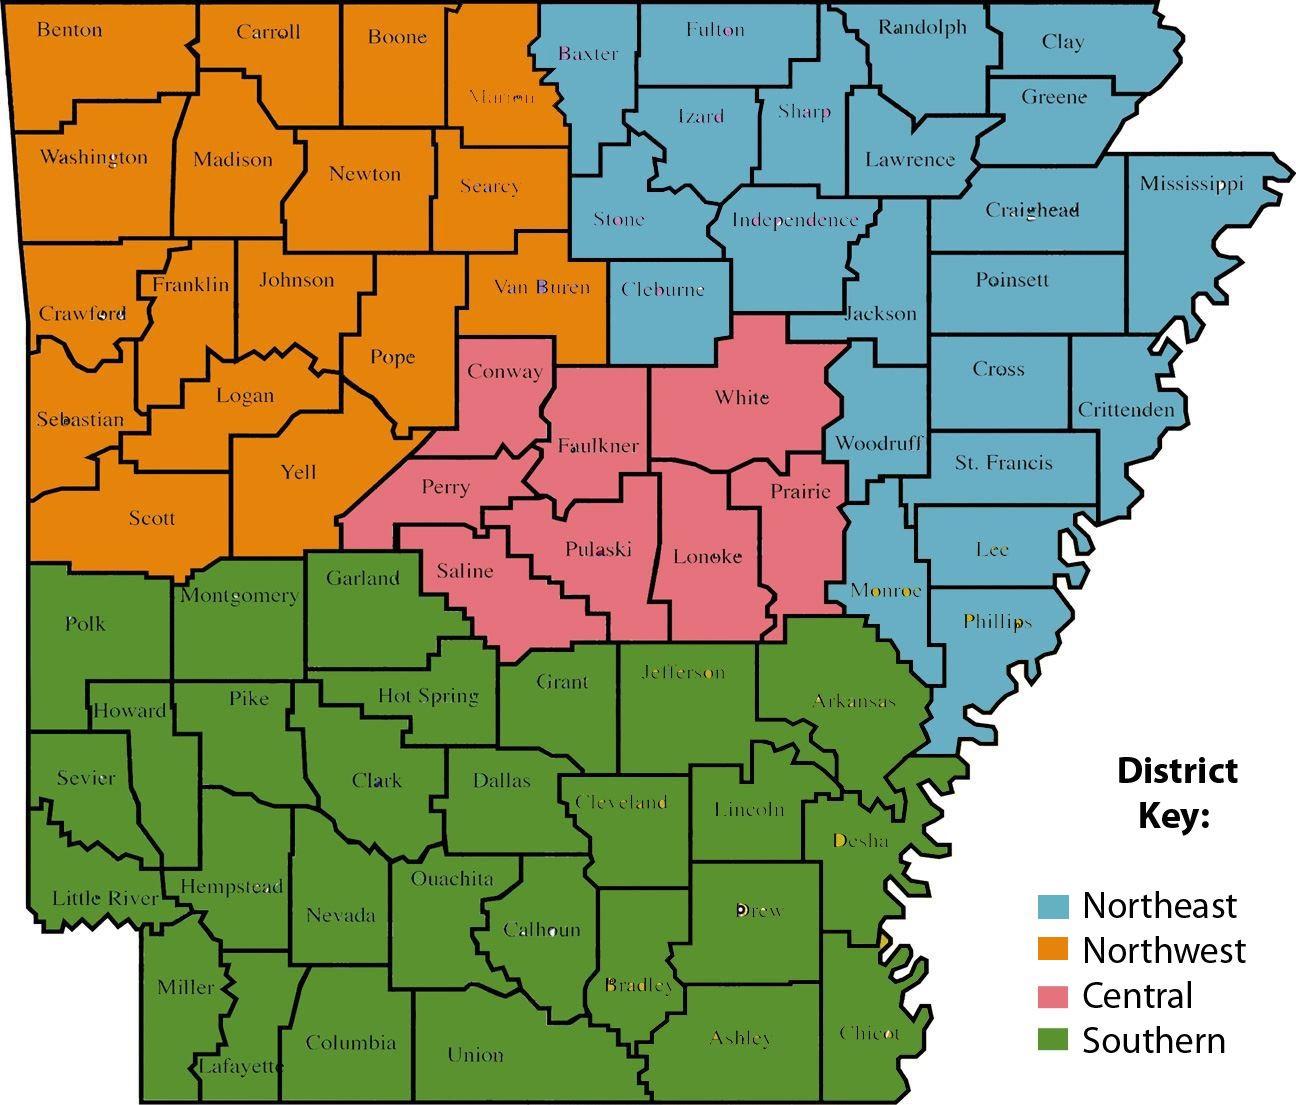 Arkansas Museums Association - AMA District Map